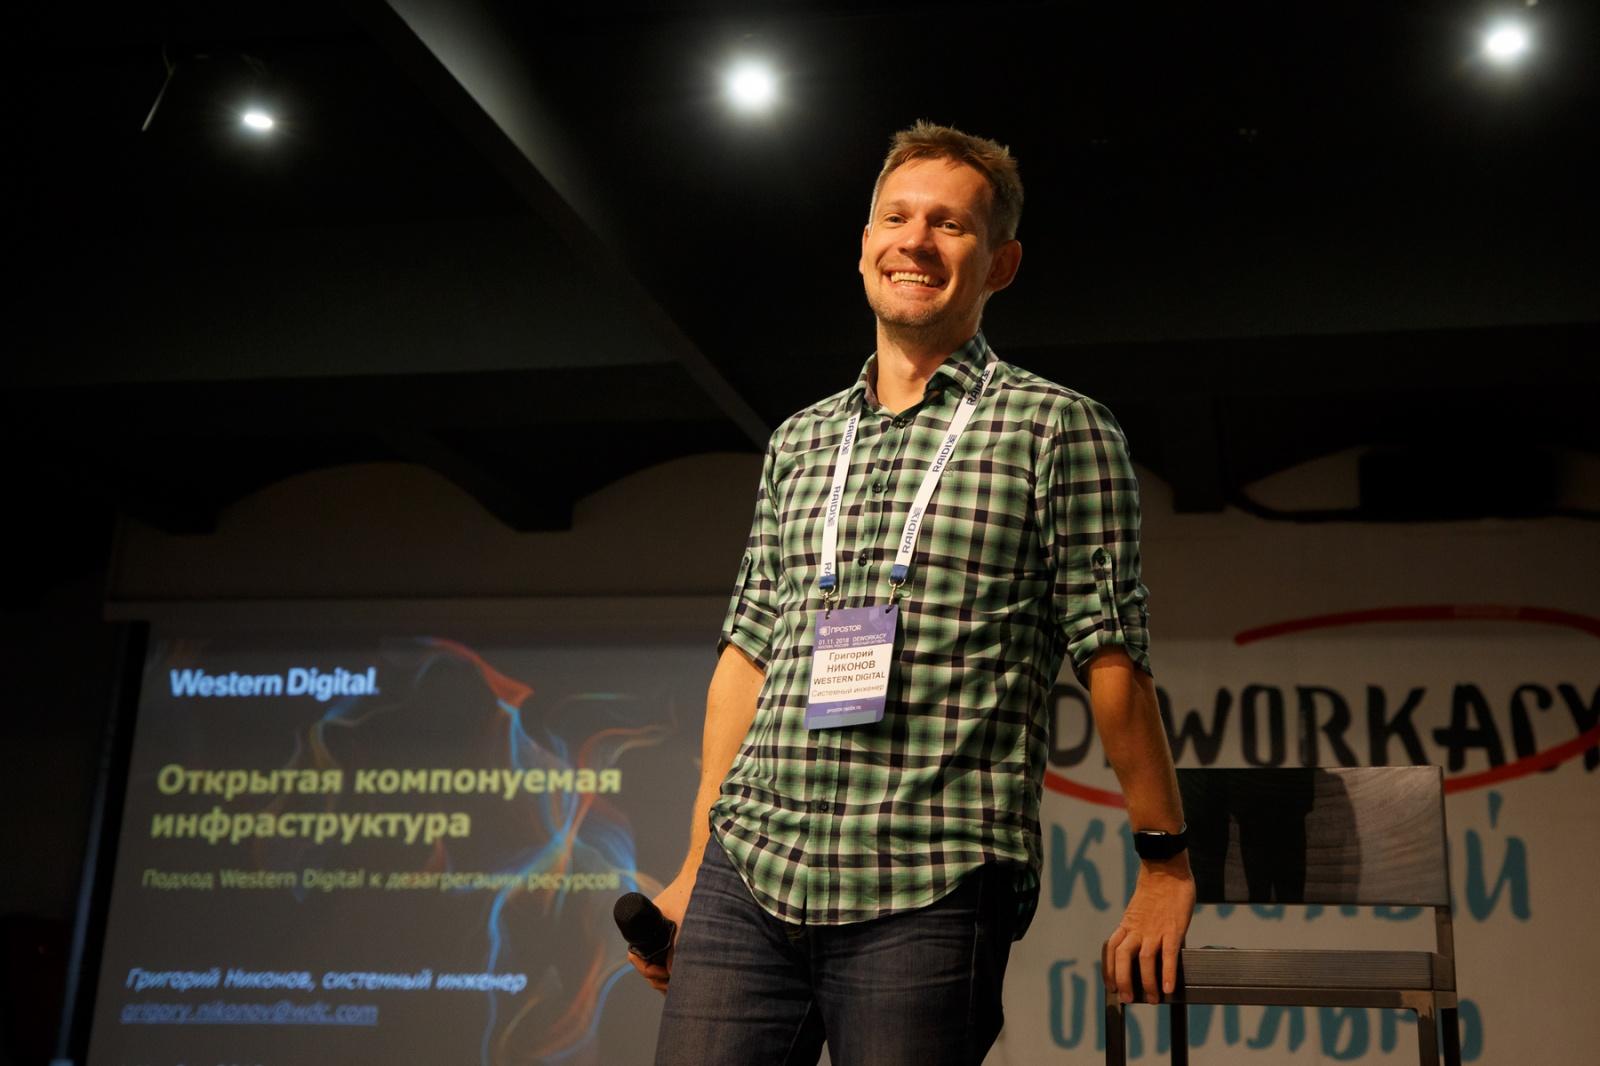 Конференция ПРОSTOR 2018: вопросы и ответы про будущее СХД - 35